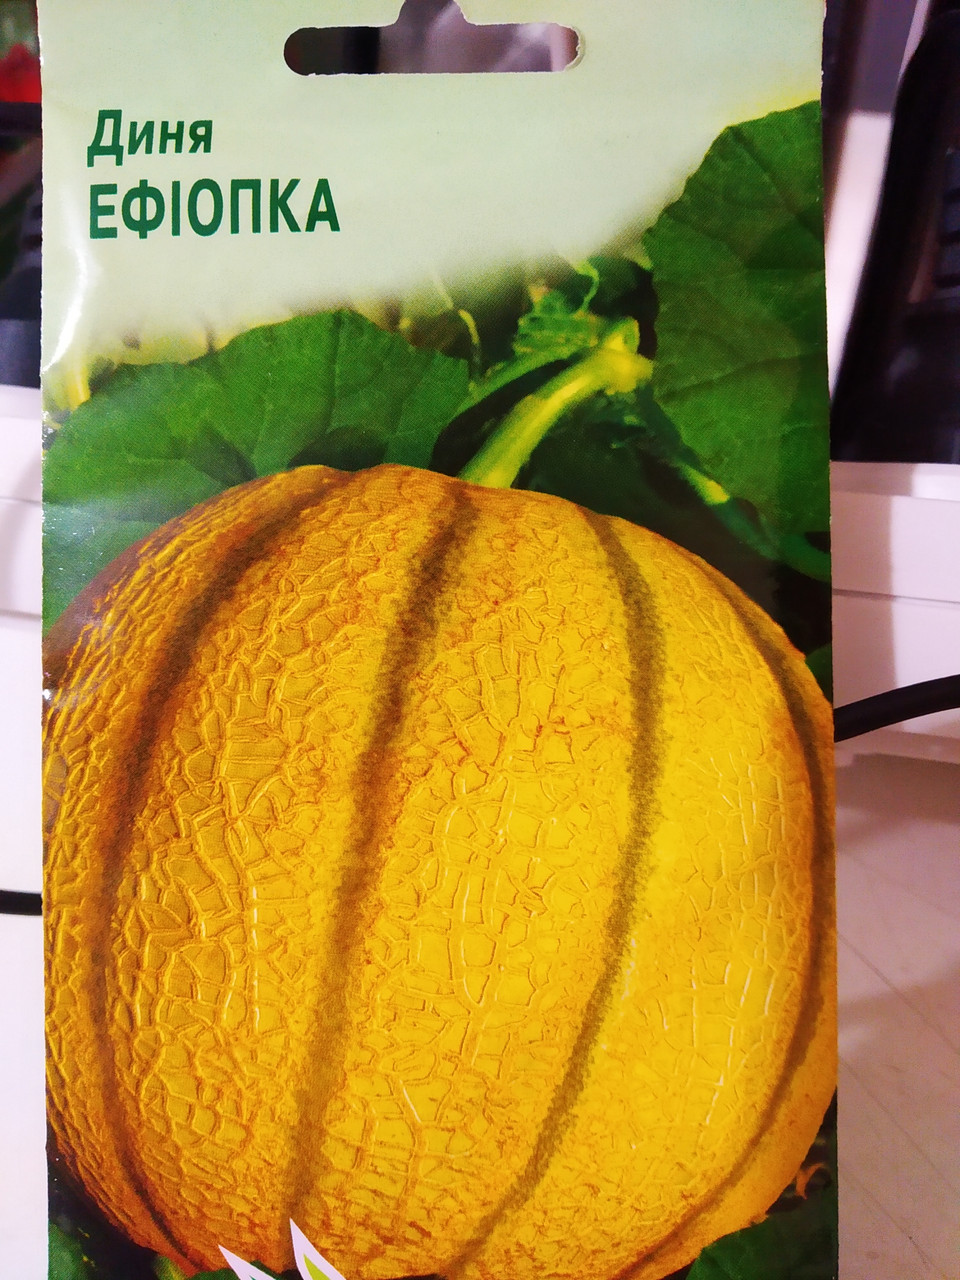 Диня Ефіопка середньорання насіння 2 грама, Україна